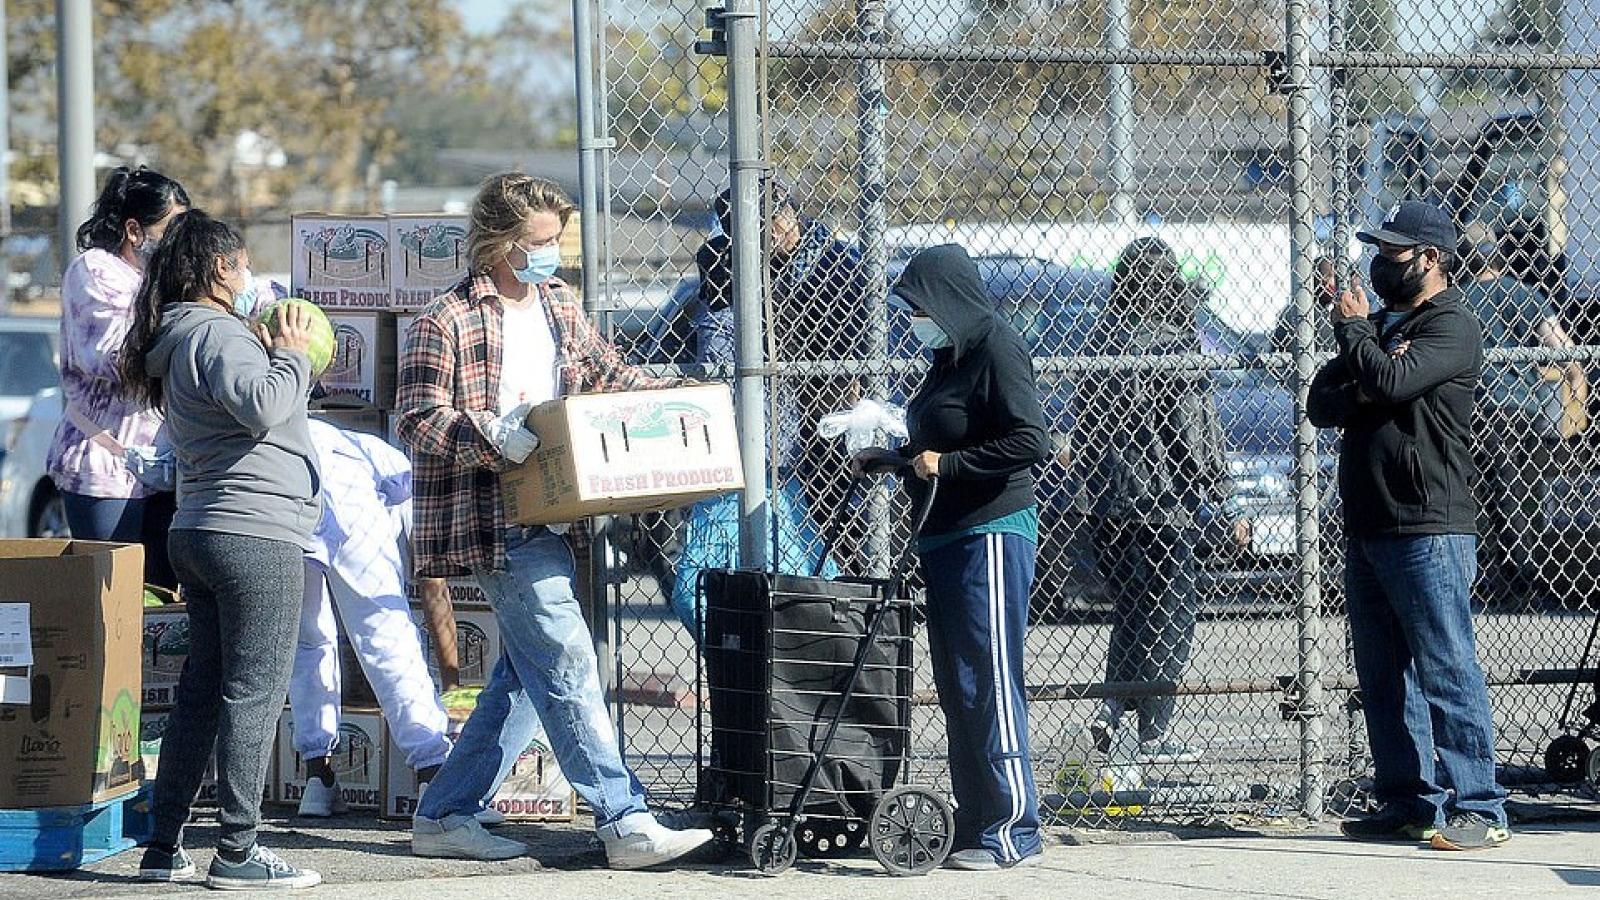 Brad Pitt thân thiện tặng đồ ăn cho người thu nhập thấp ở Los Angeles